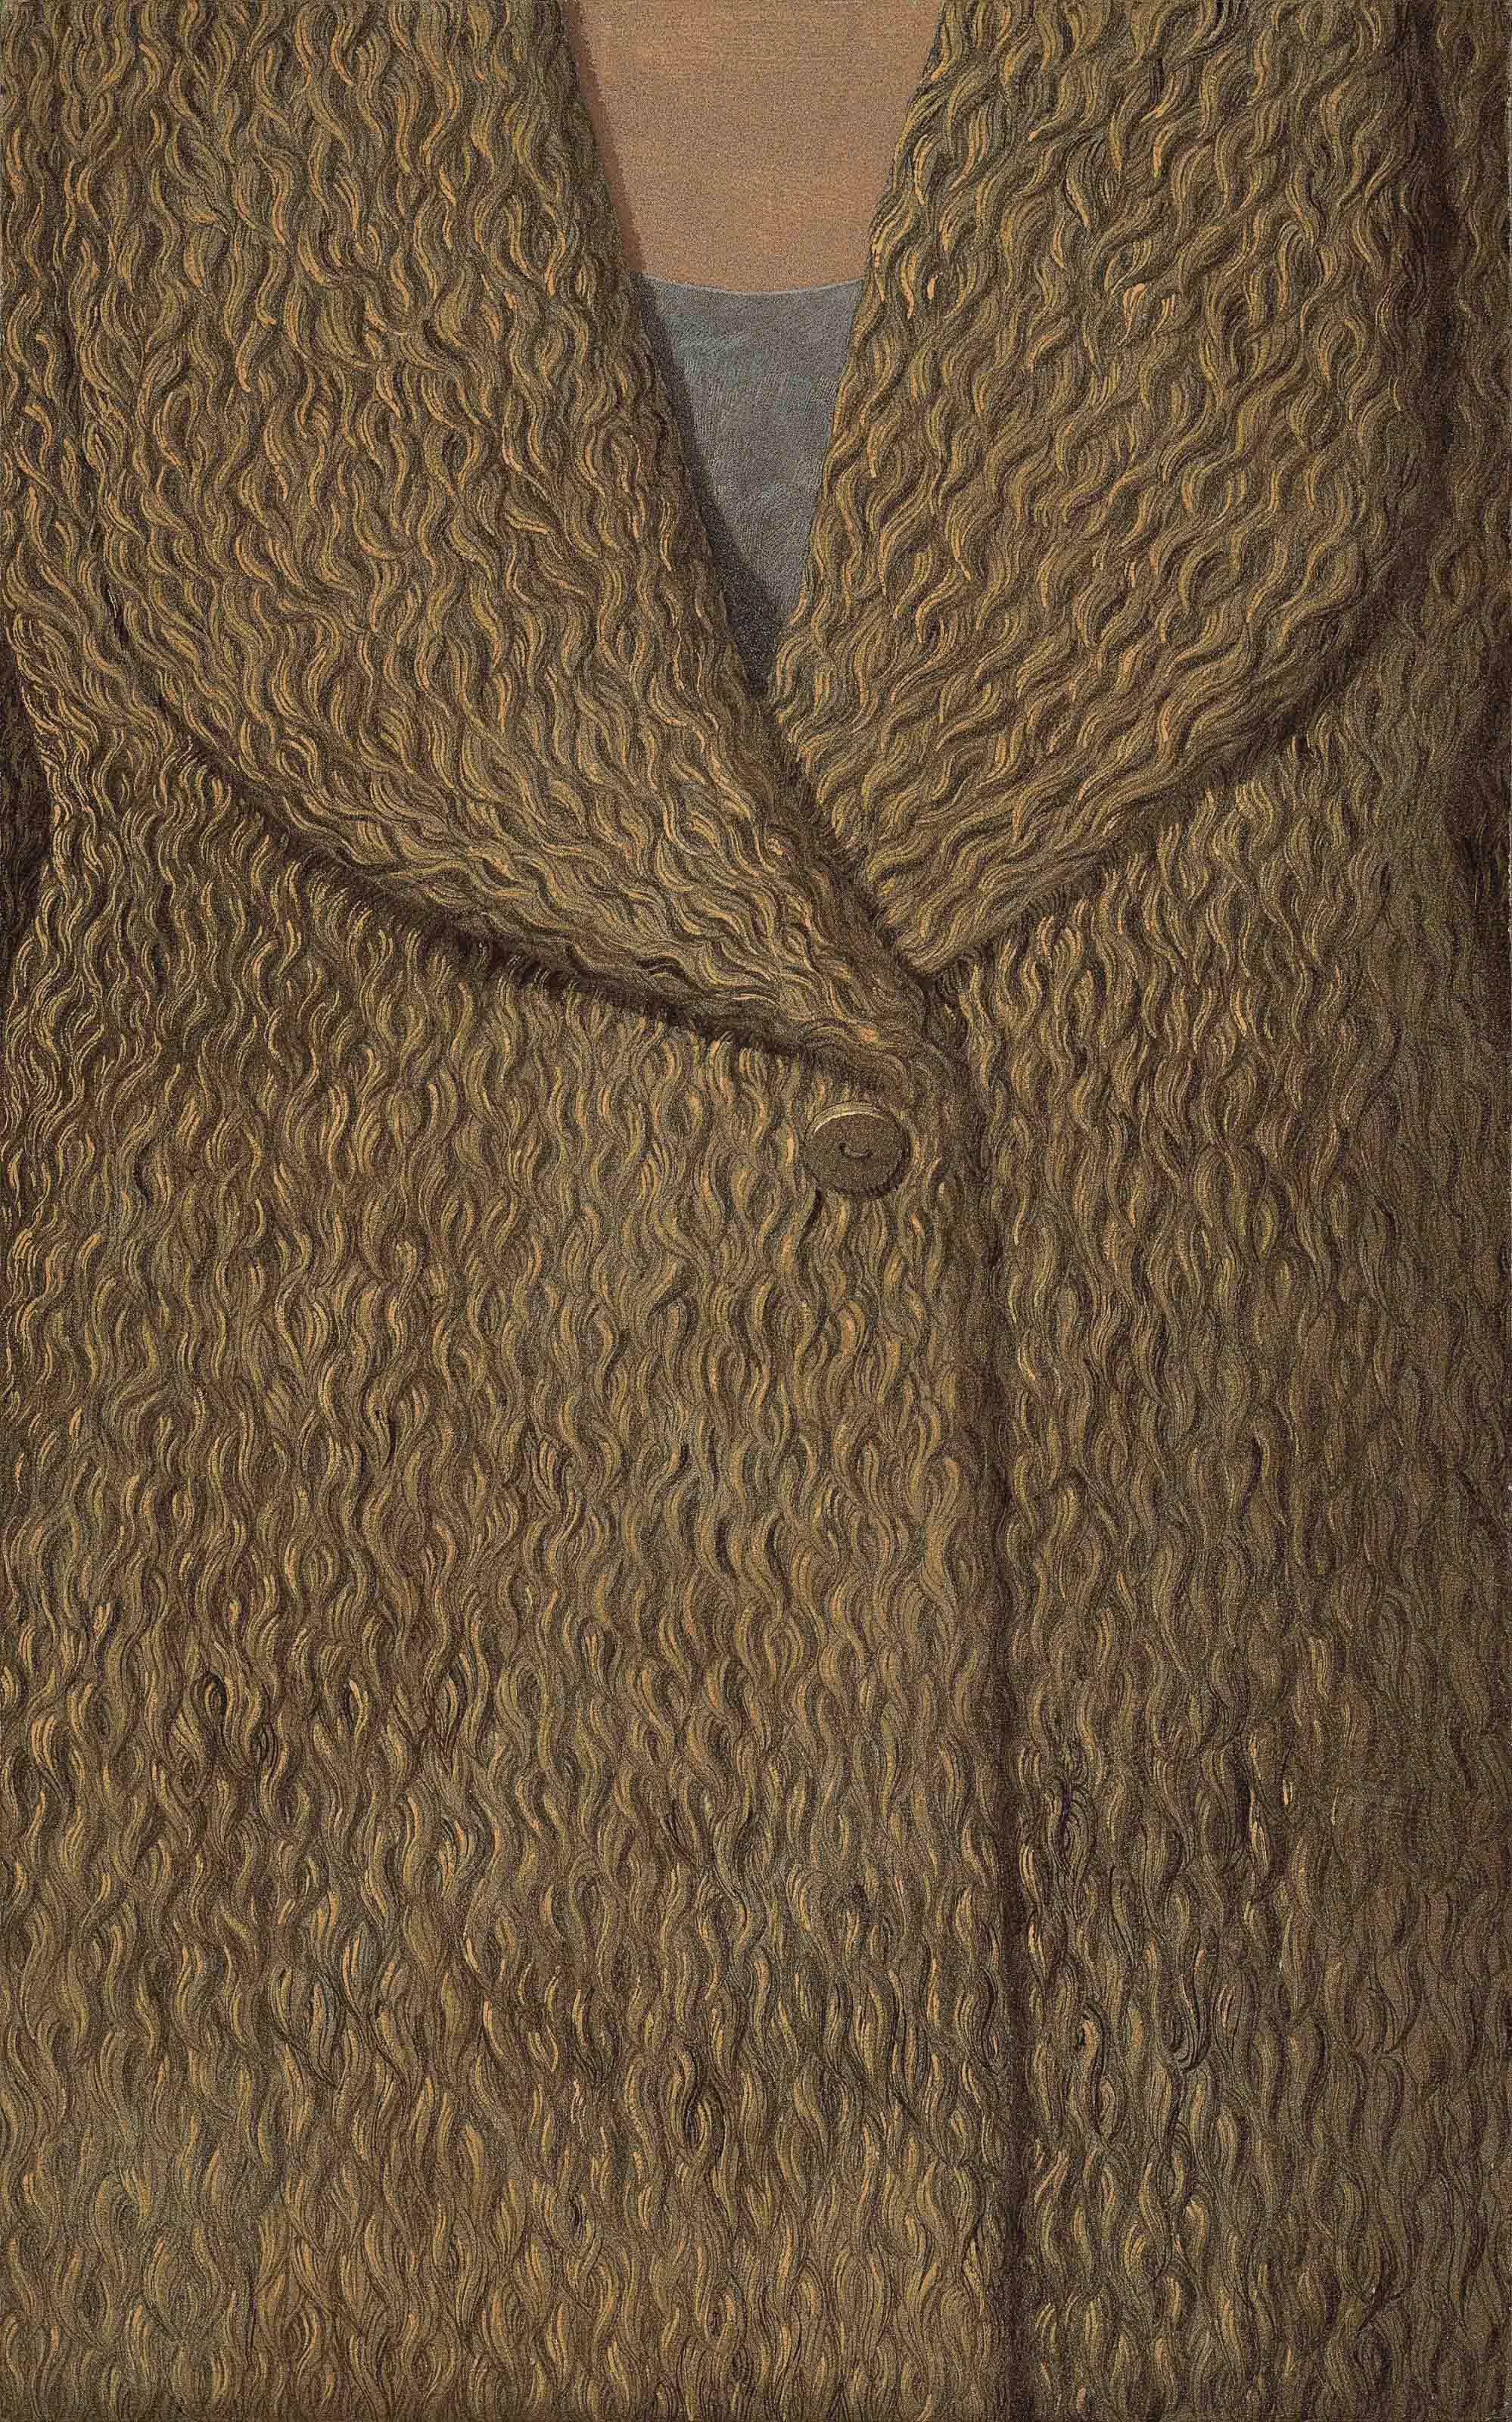 Pelliccia (Fur)